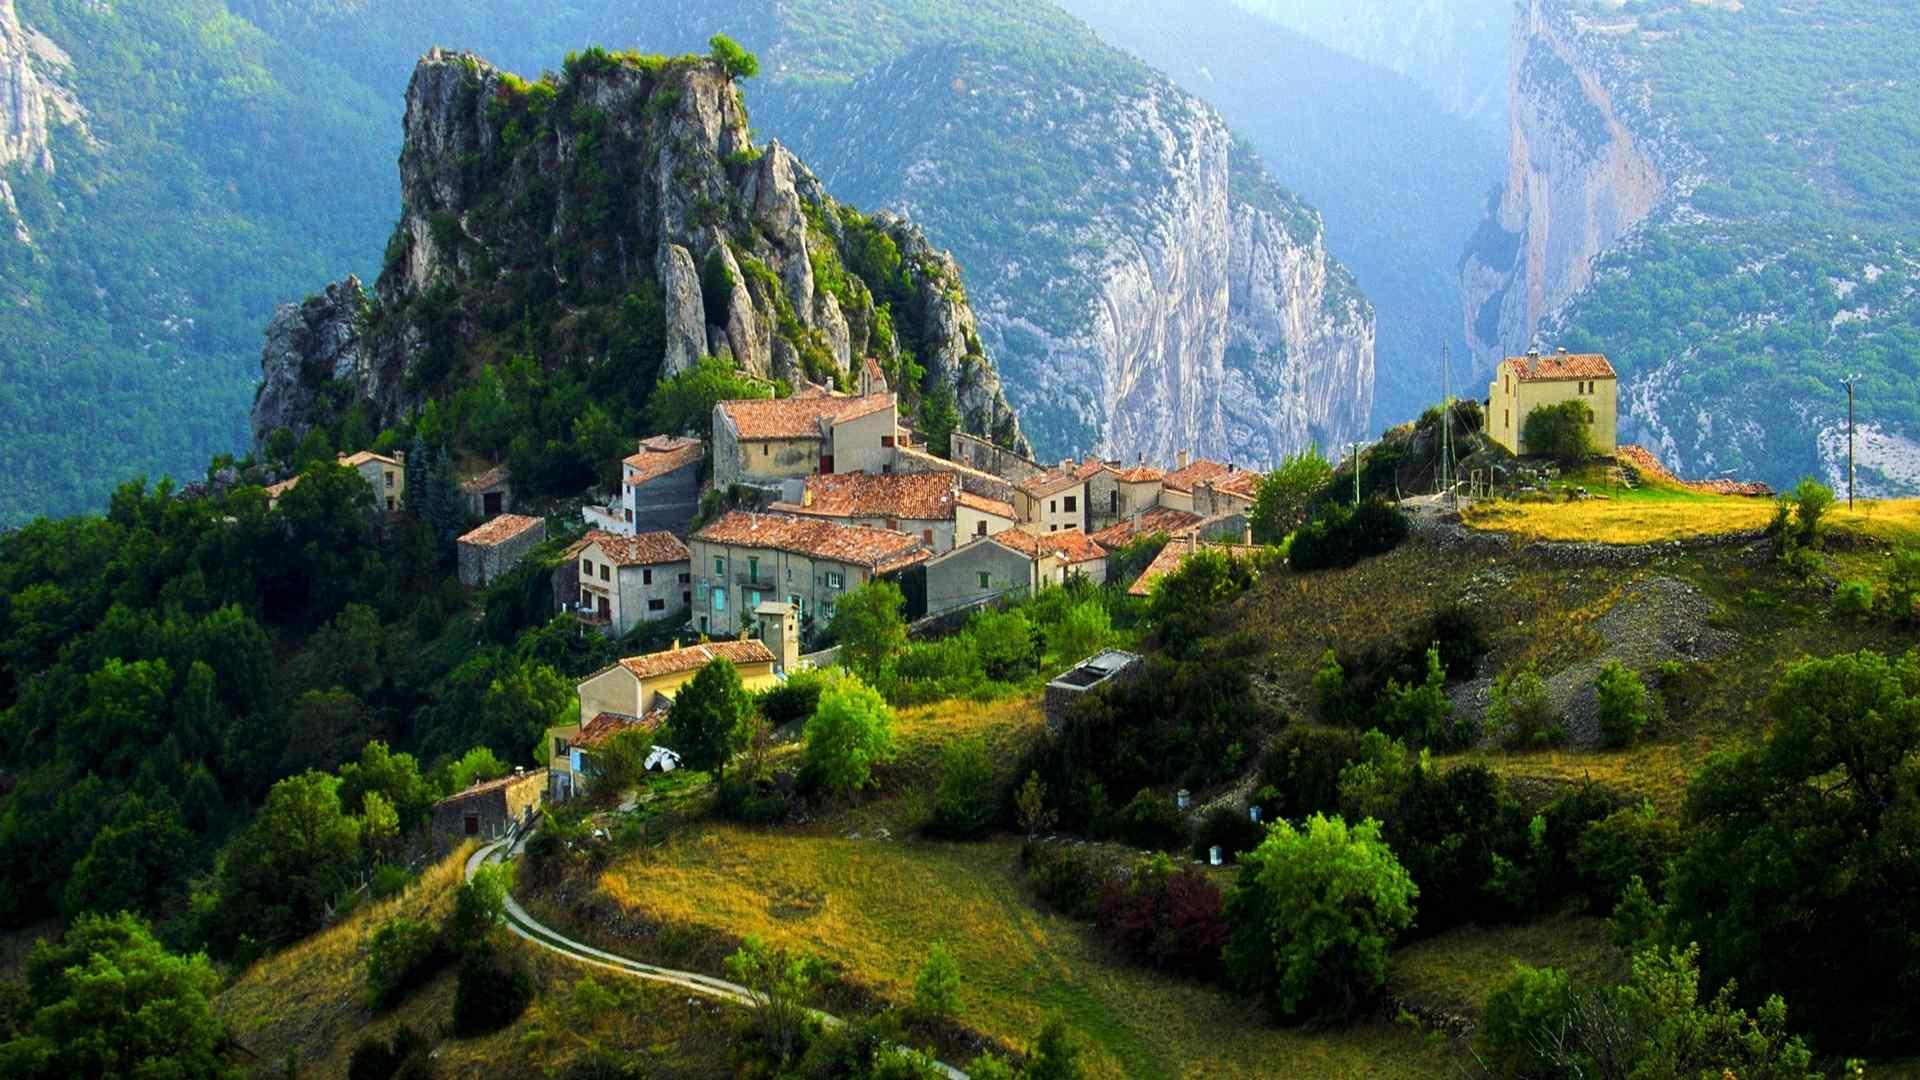 欧洲中南部唯美阿尔卑斯山脉风景桌面壁纸